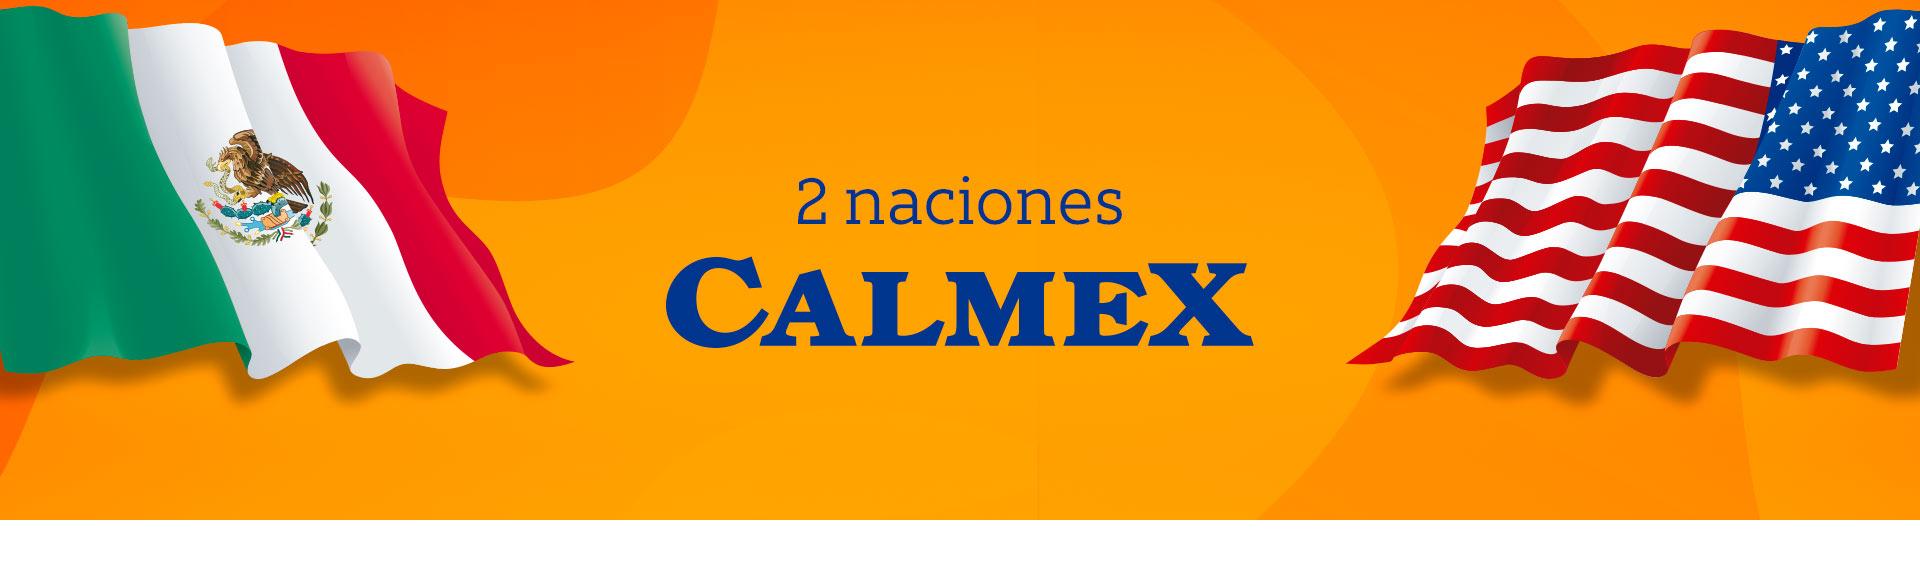 Calmex